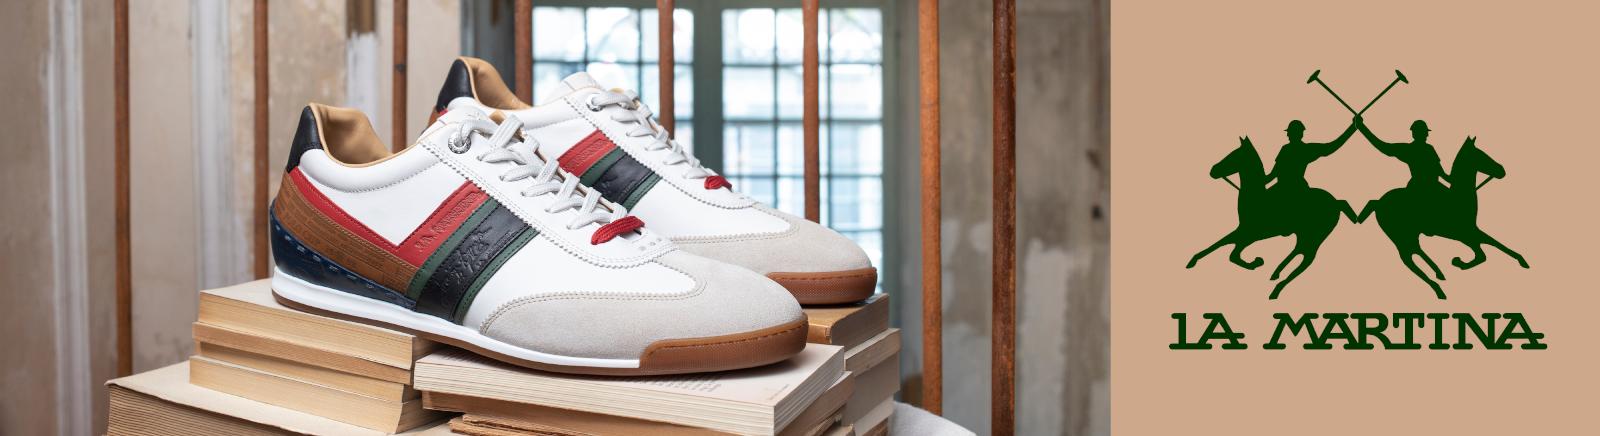 La Martina Markenschuhe online entdecken im Juppen Schuhe Shop